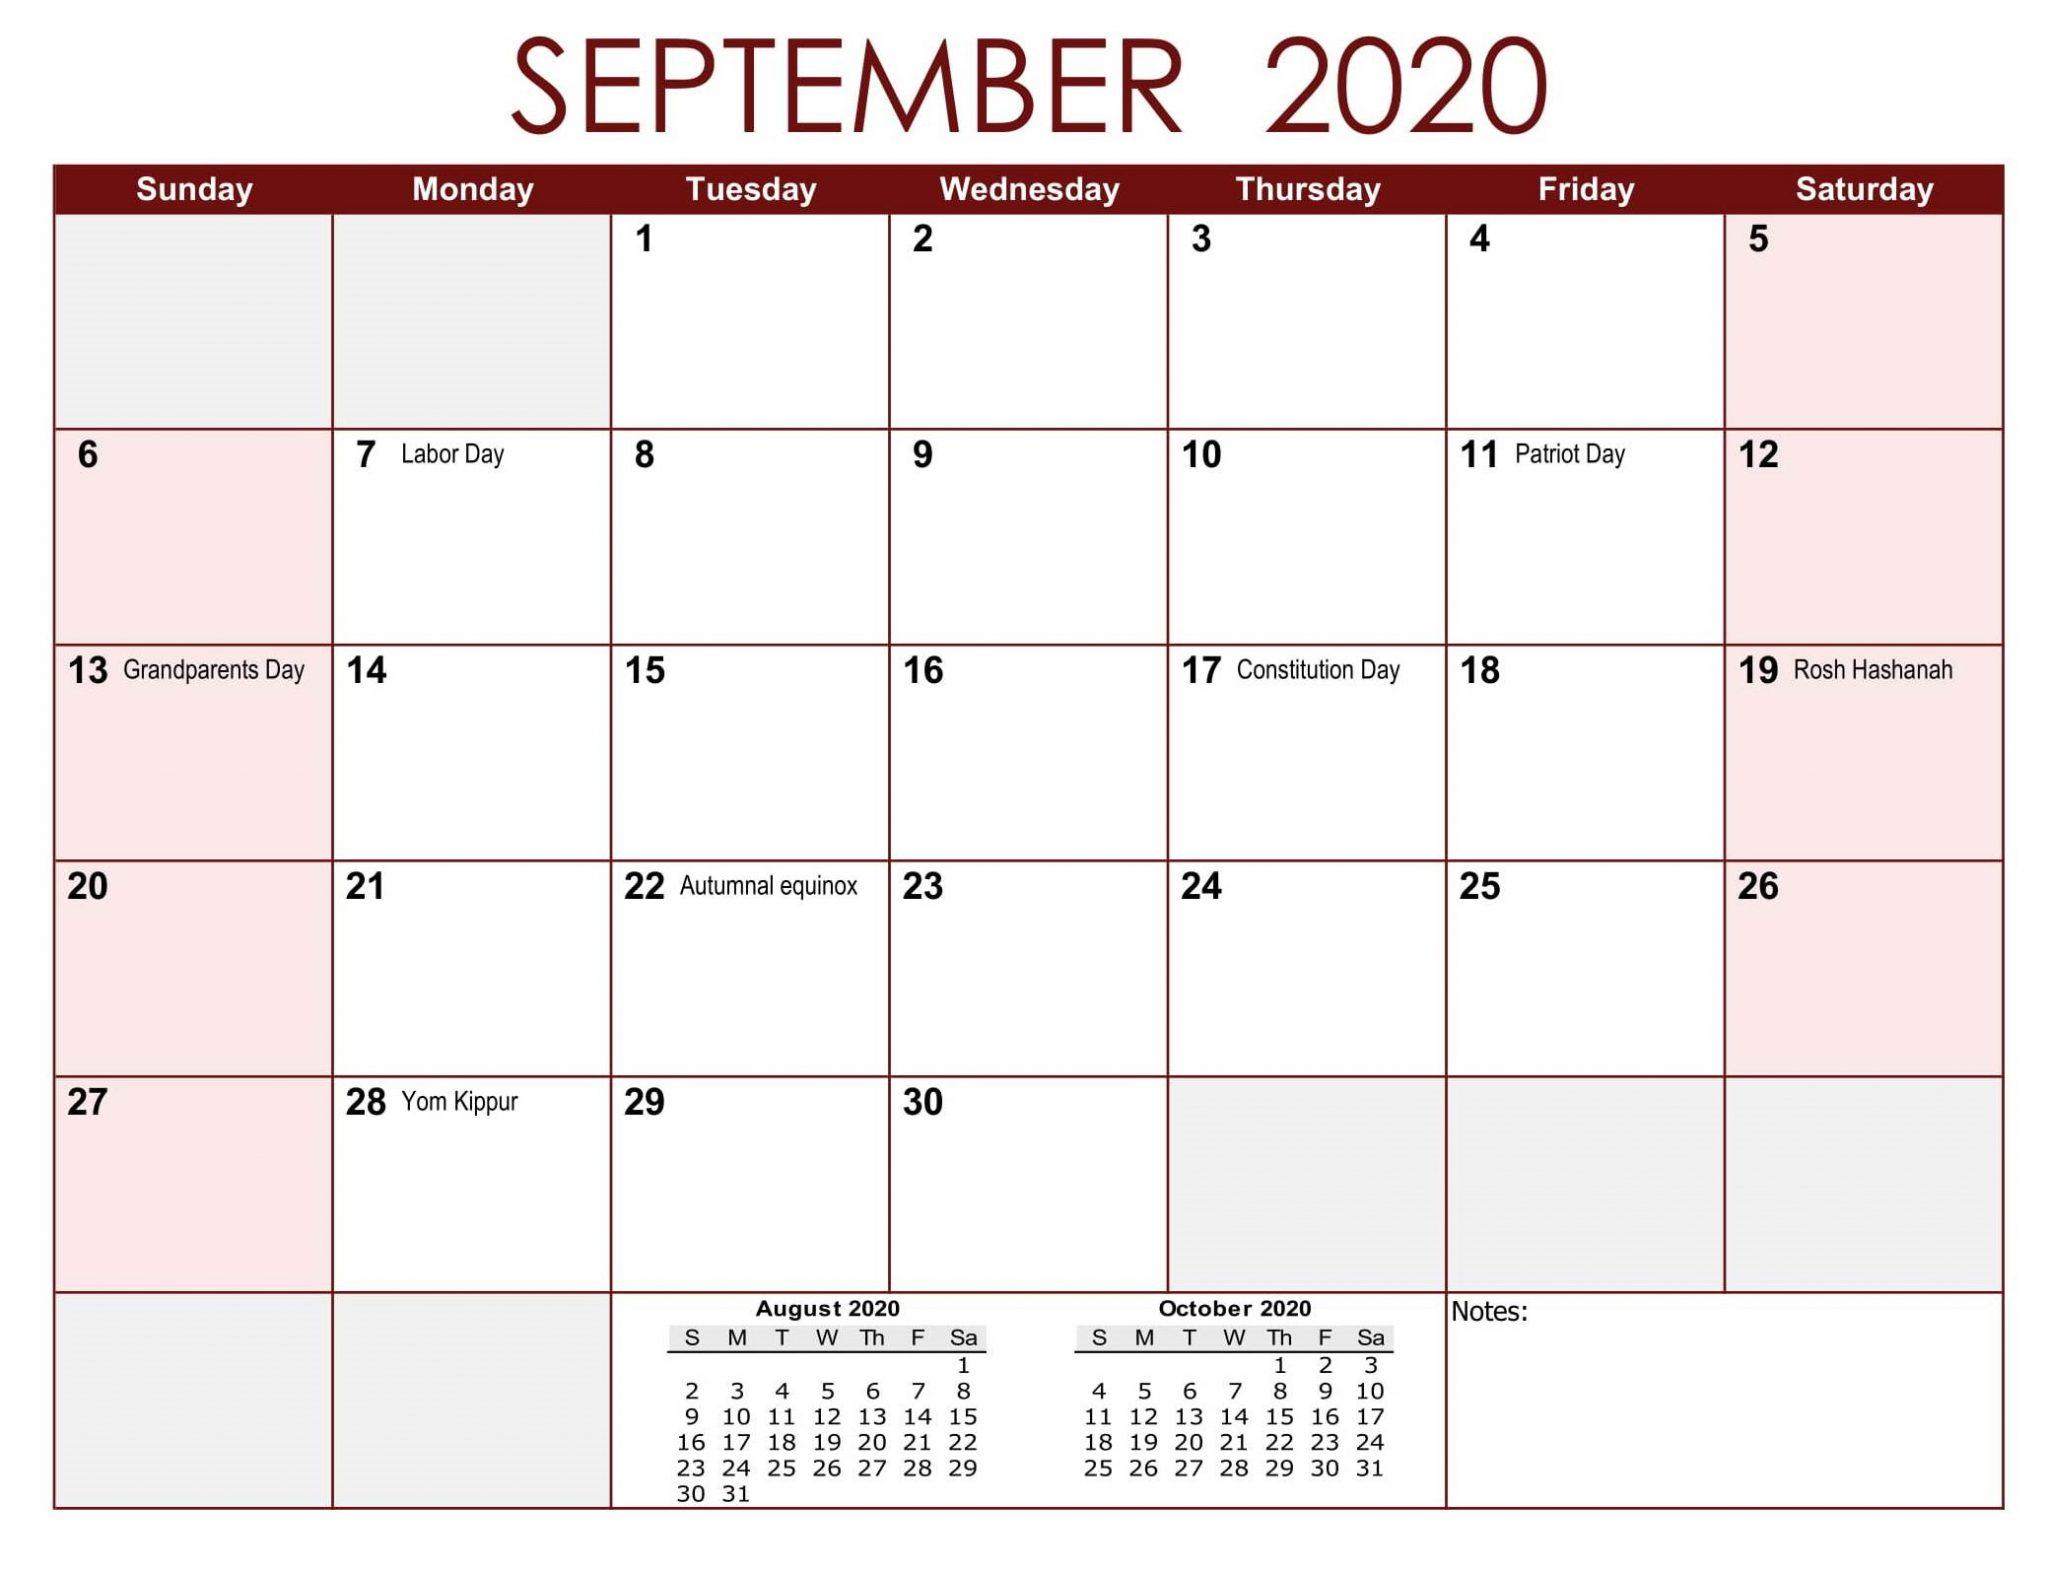 September 2020 USA Federal Holidays